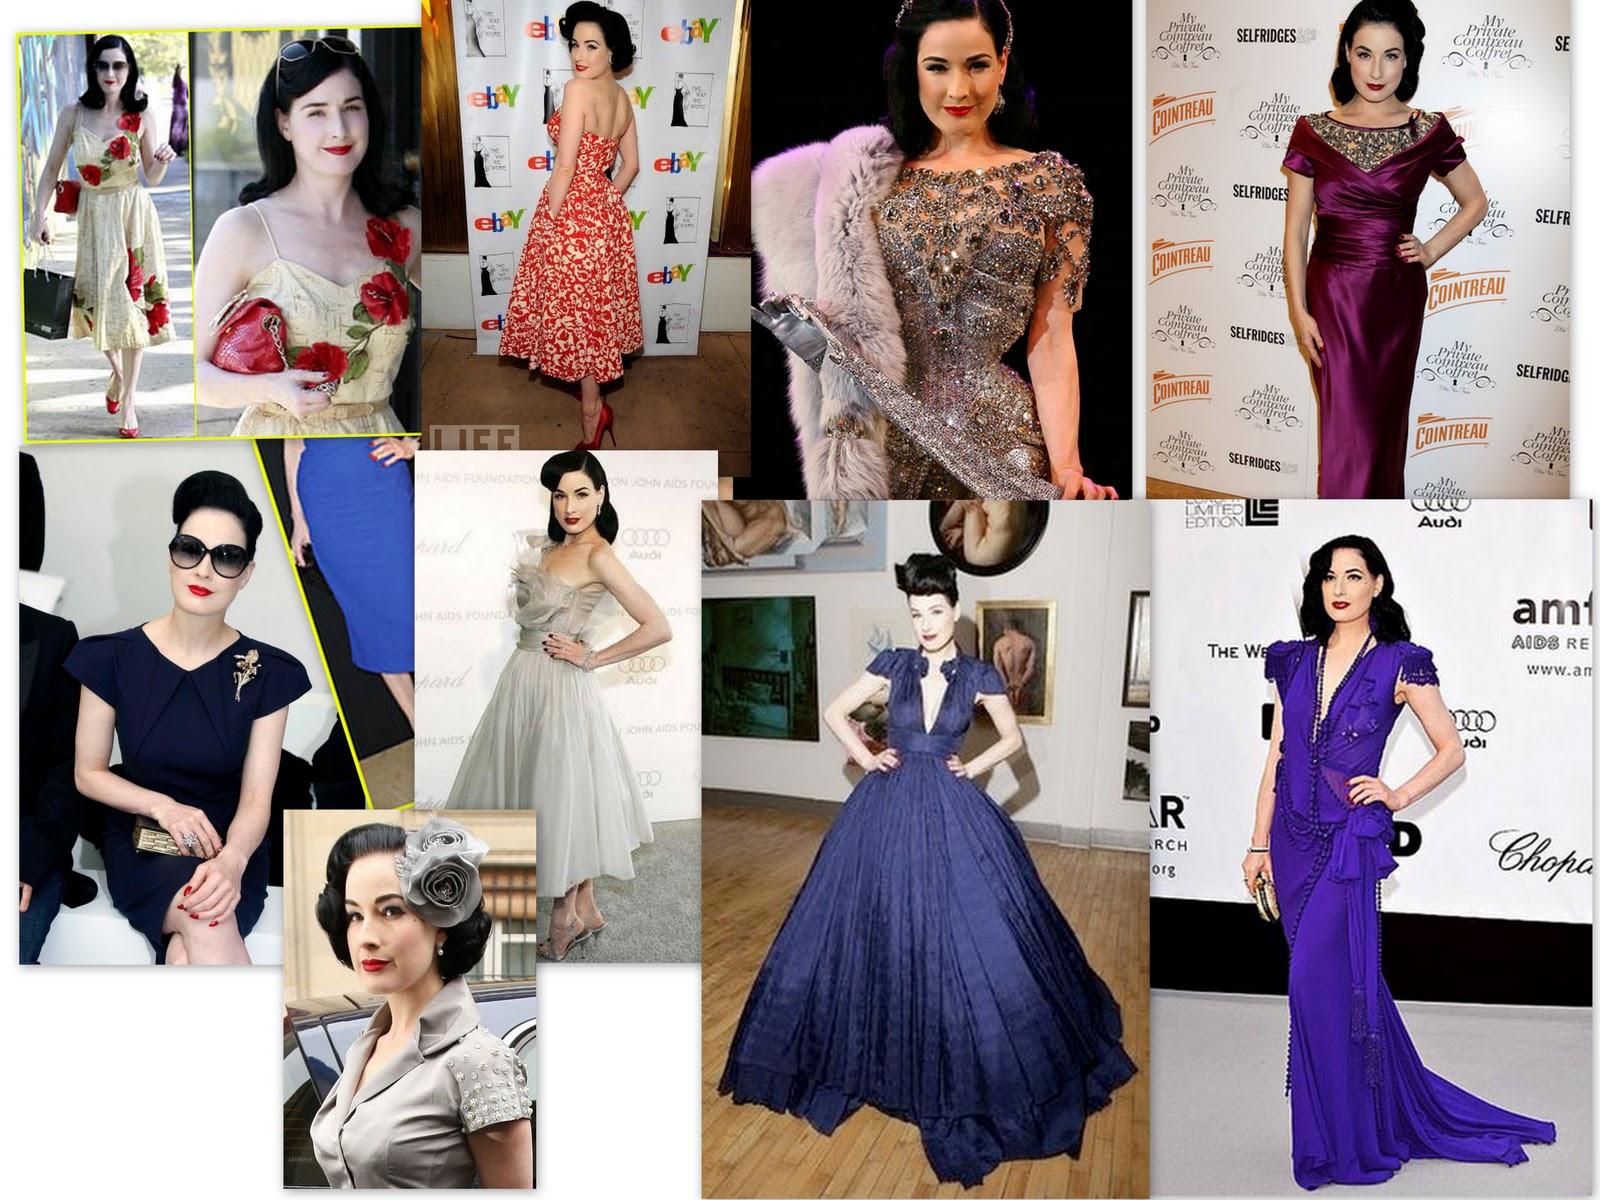 http://3.bp.blogspot.com/_khYFnRhc0XA/TMSha-Pcz4I/AAAAAAAAAIs/73Sjvlz24nc/s1600/dita+dresses+all.jpg